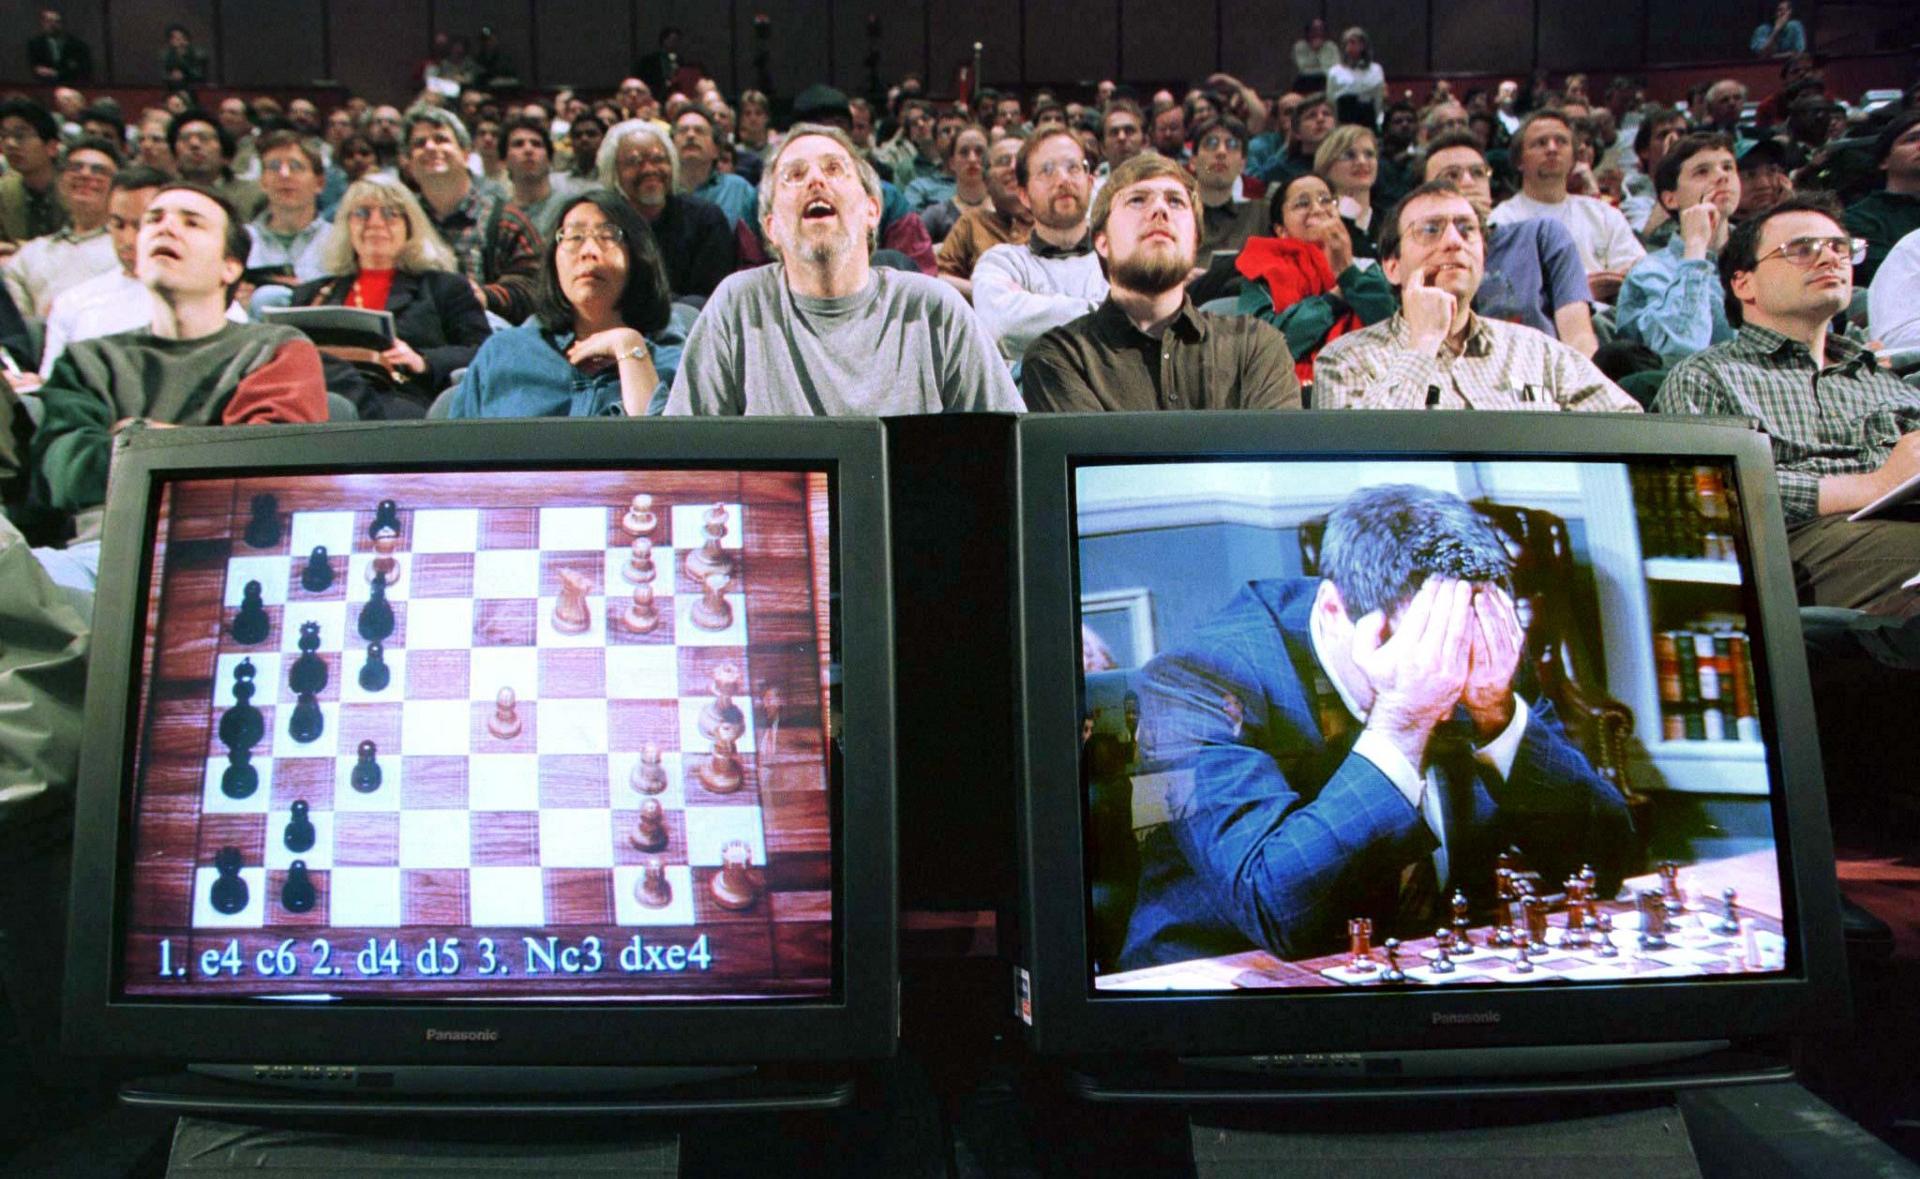 Deep Blue venció al Gran Maestro ruso en ajedrez Gari Kaspárov entre 1996 y 1997.